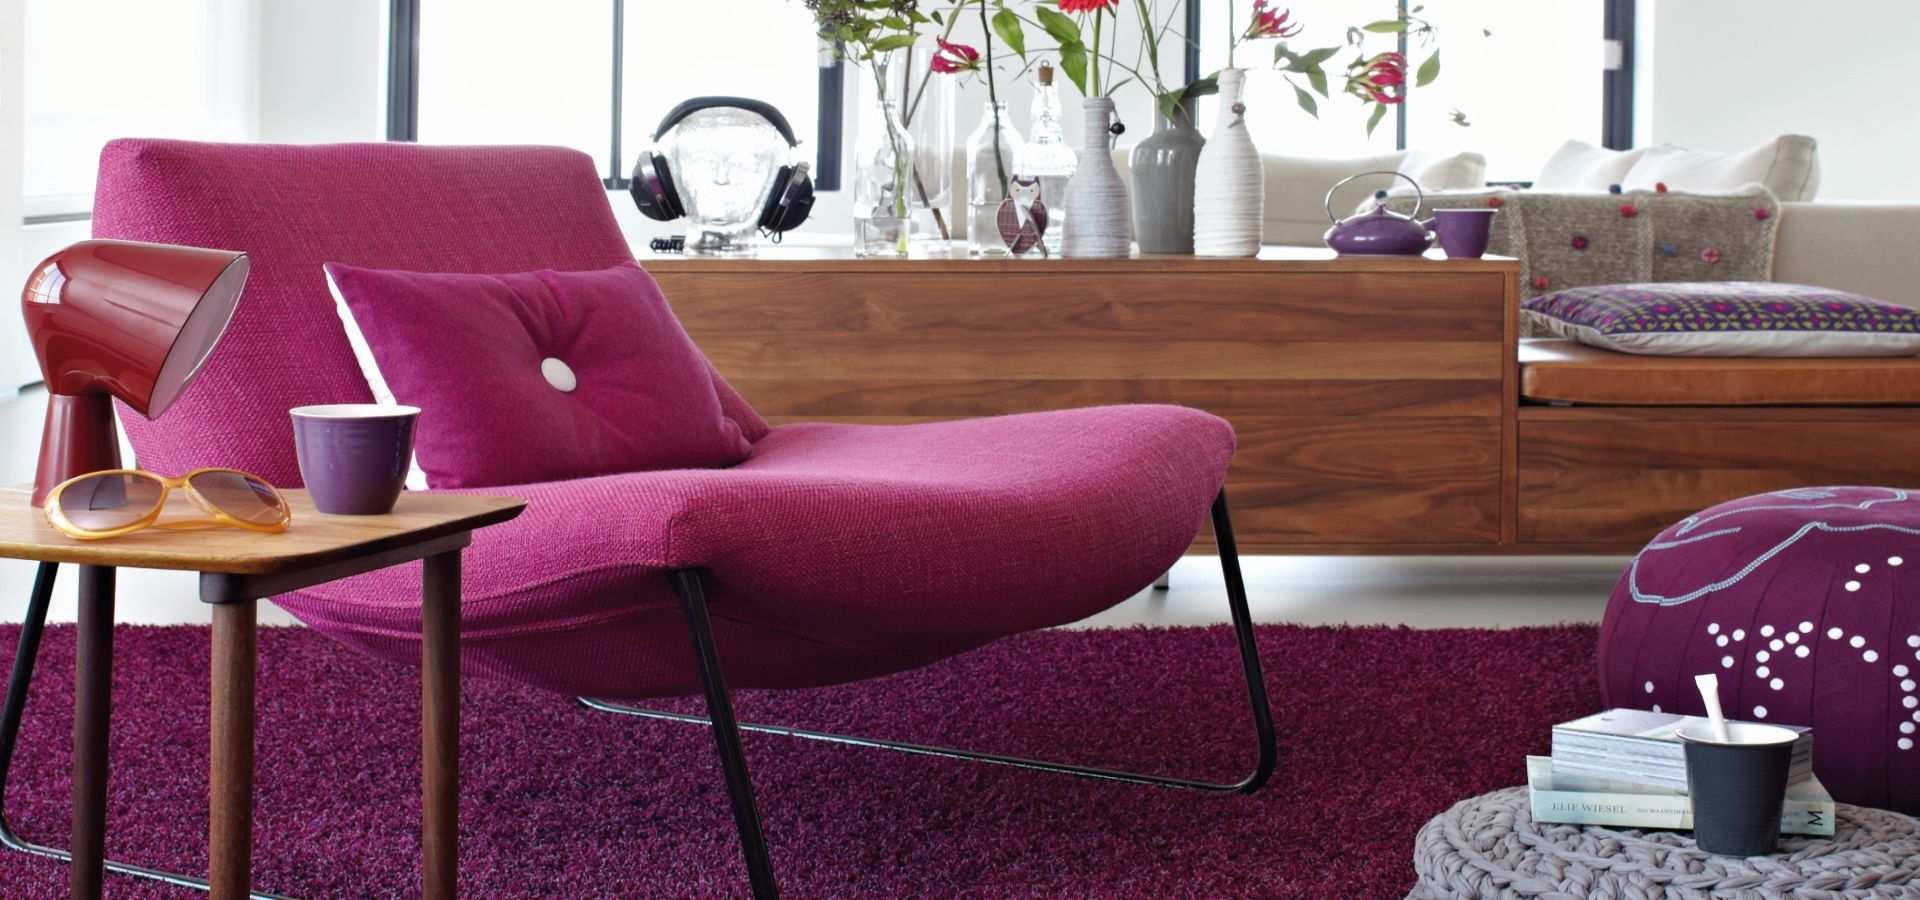 Wohnzimmer Teppichboden Chinchilla lila